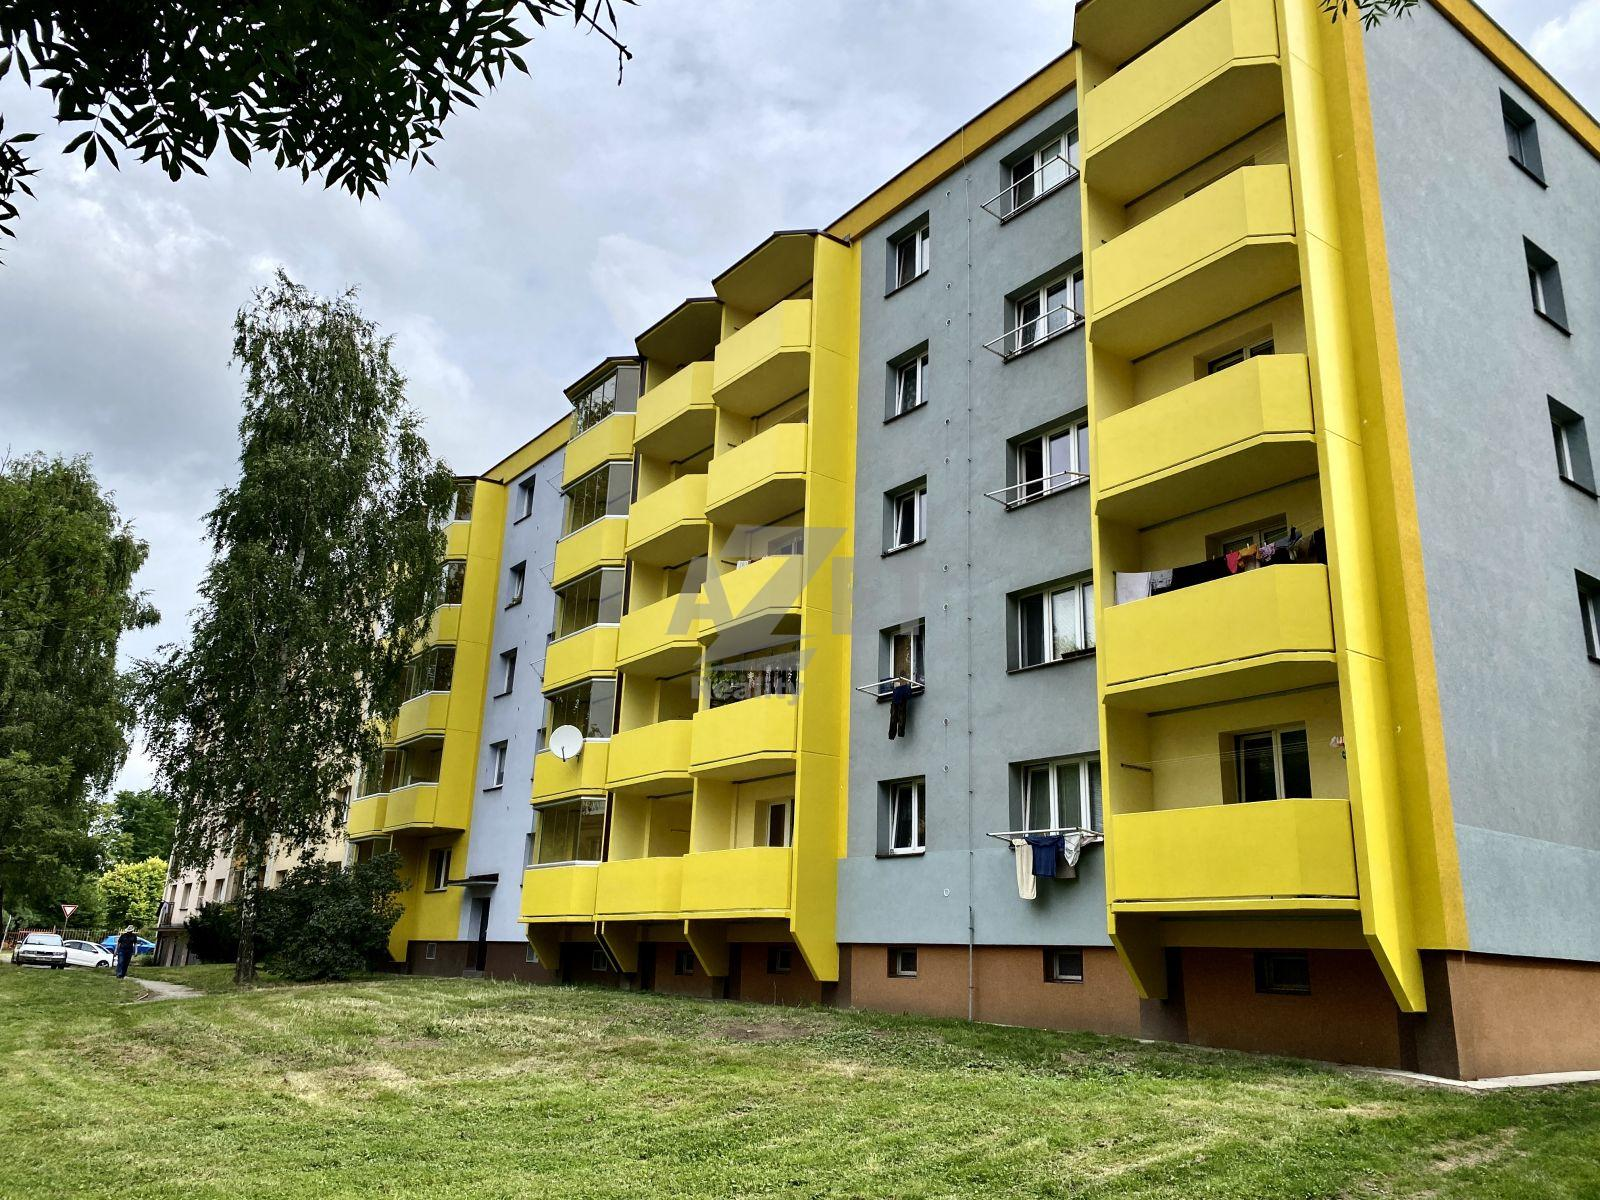 Prodej, byt 2+1, 54 m2, Karviná - Mizerov, ul. Čajkovského